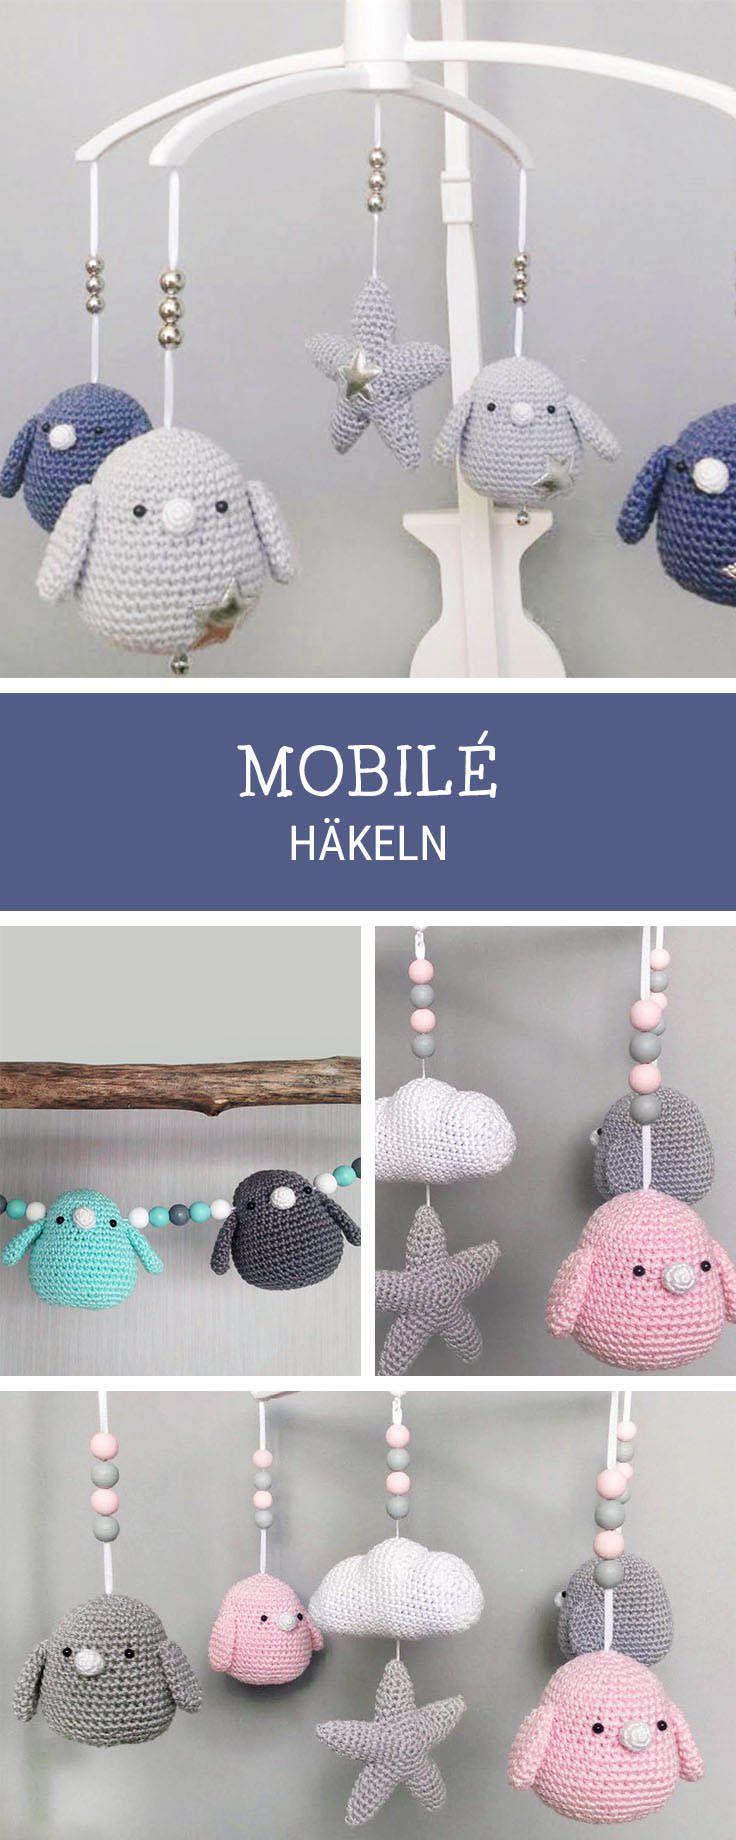 498 best Häkeln images on Pinterest | Amigurumi patterns, Crochet ...